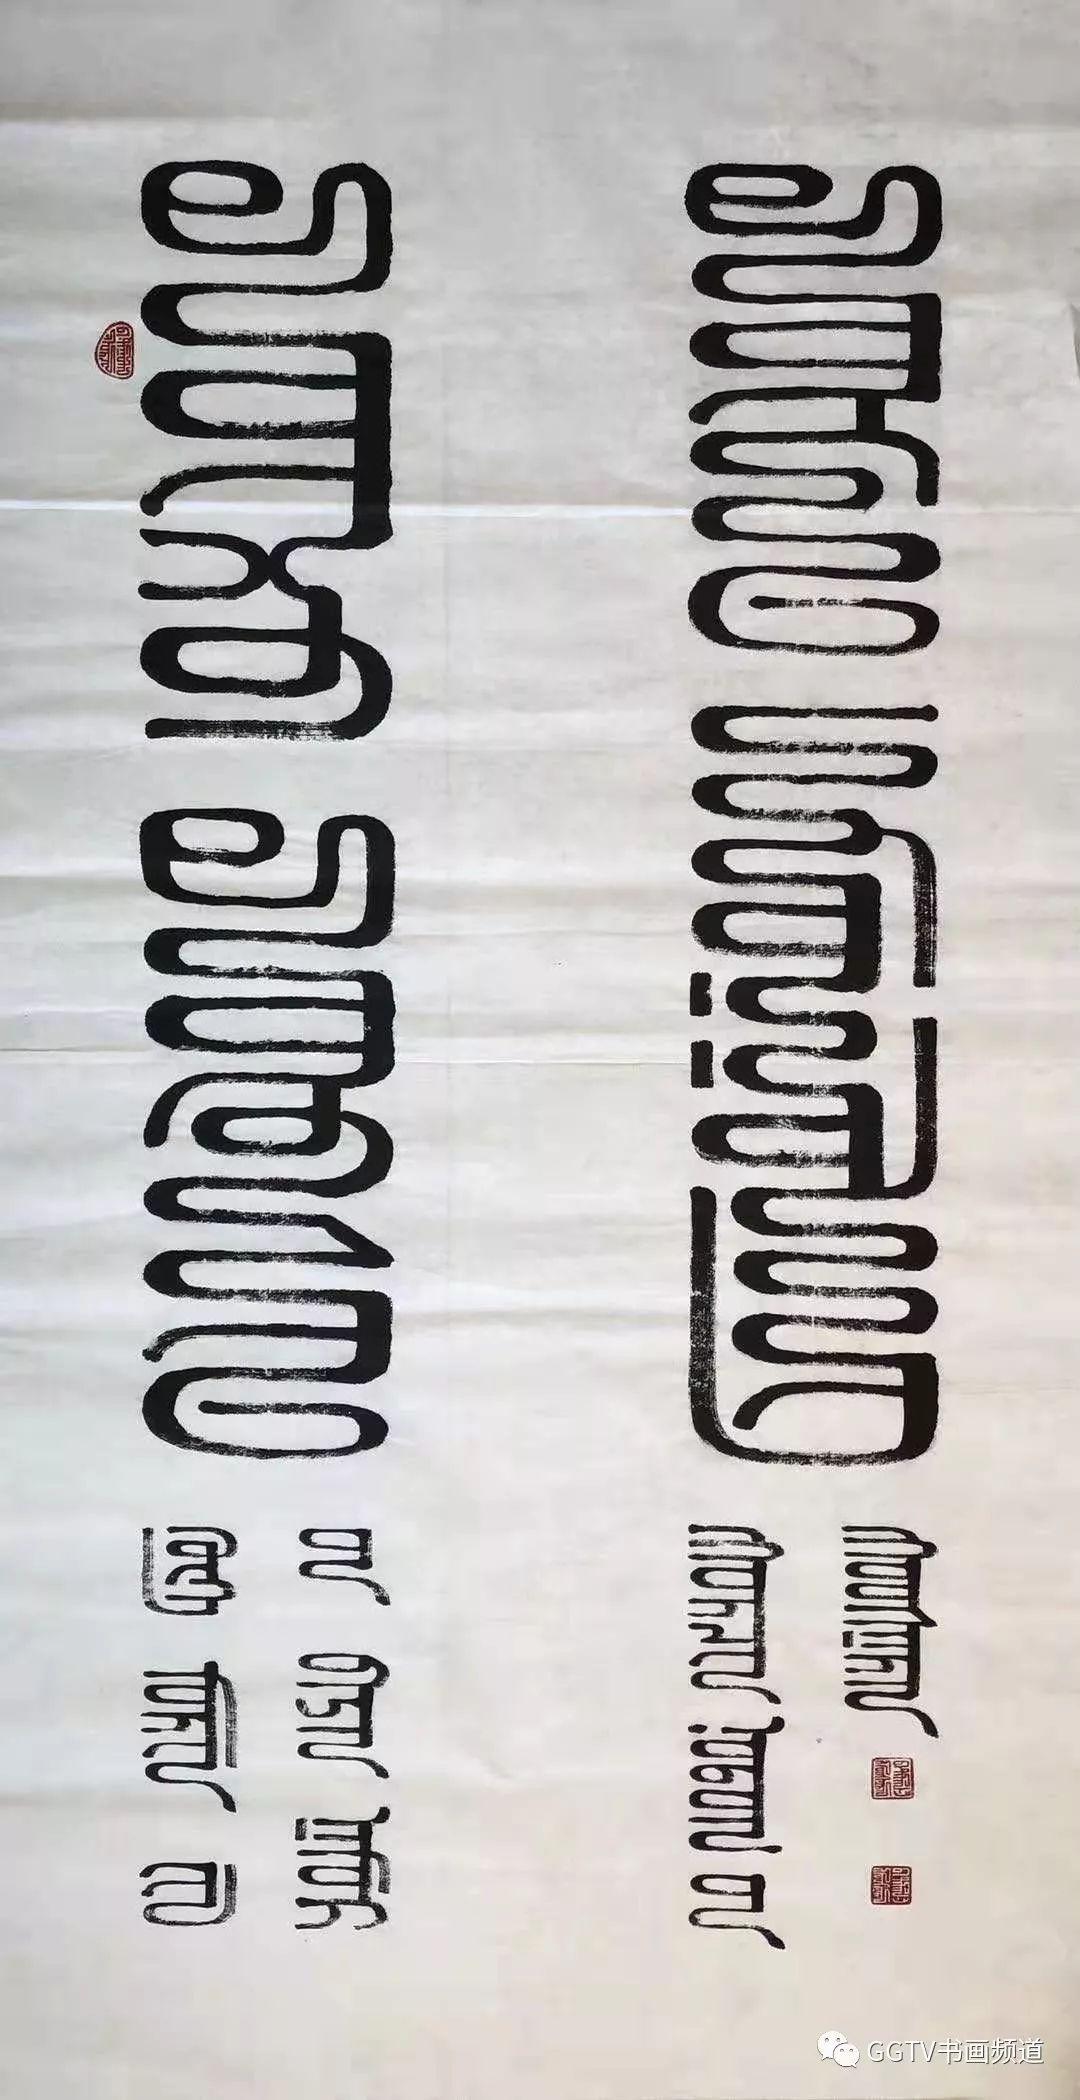 庆祝建国70周年全国优秀艺术家  —— 鲍好斯那拉作品展 第18张